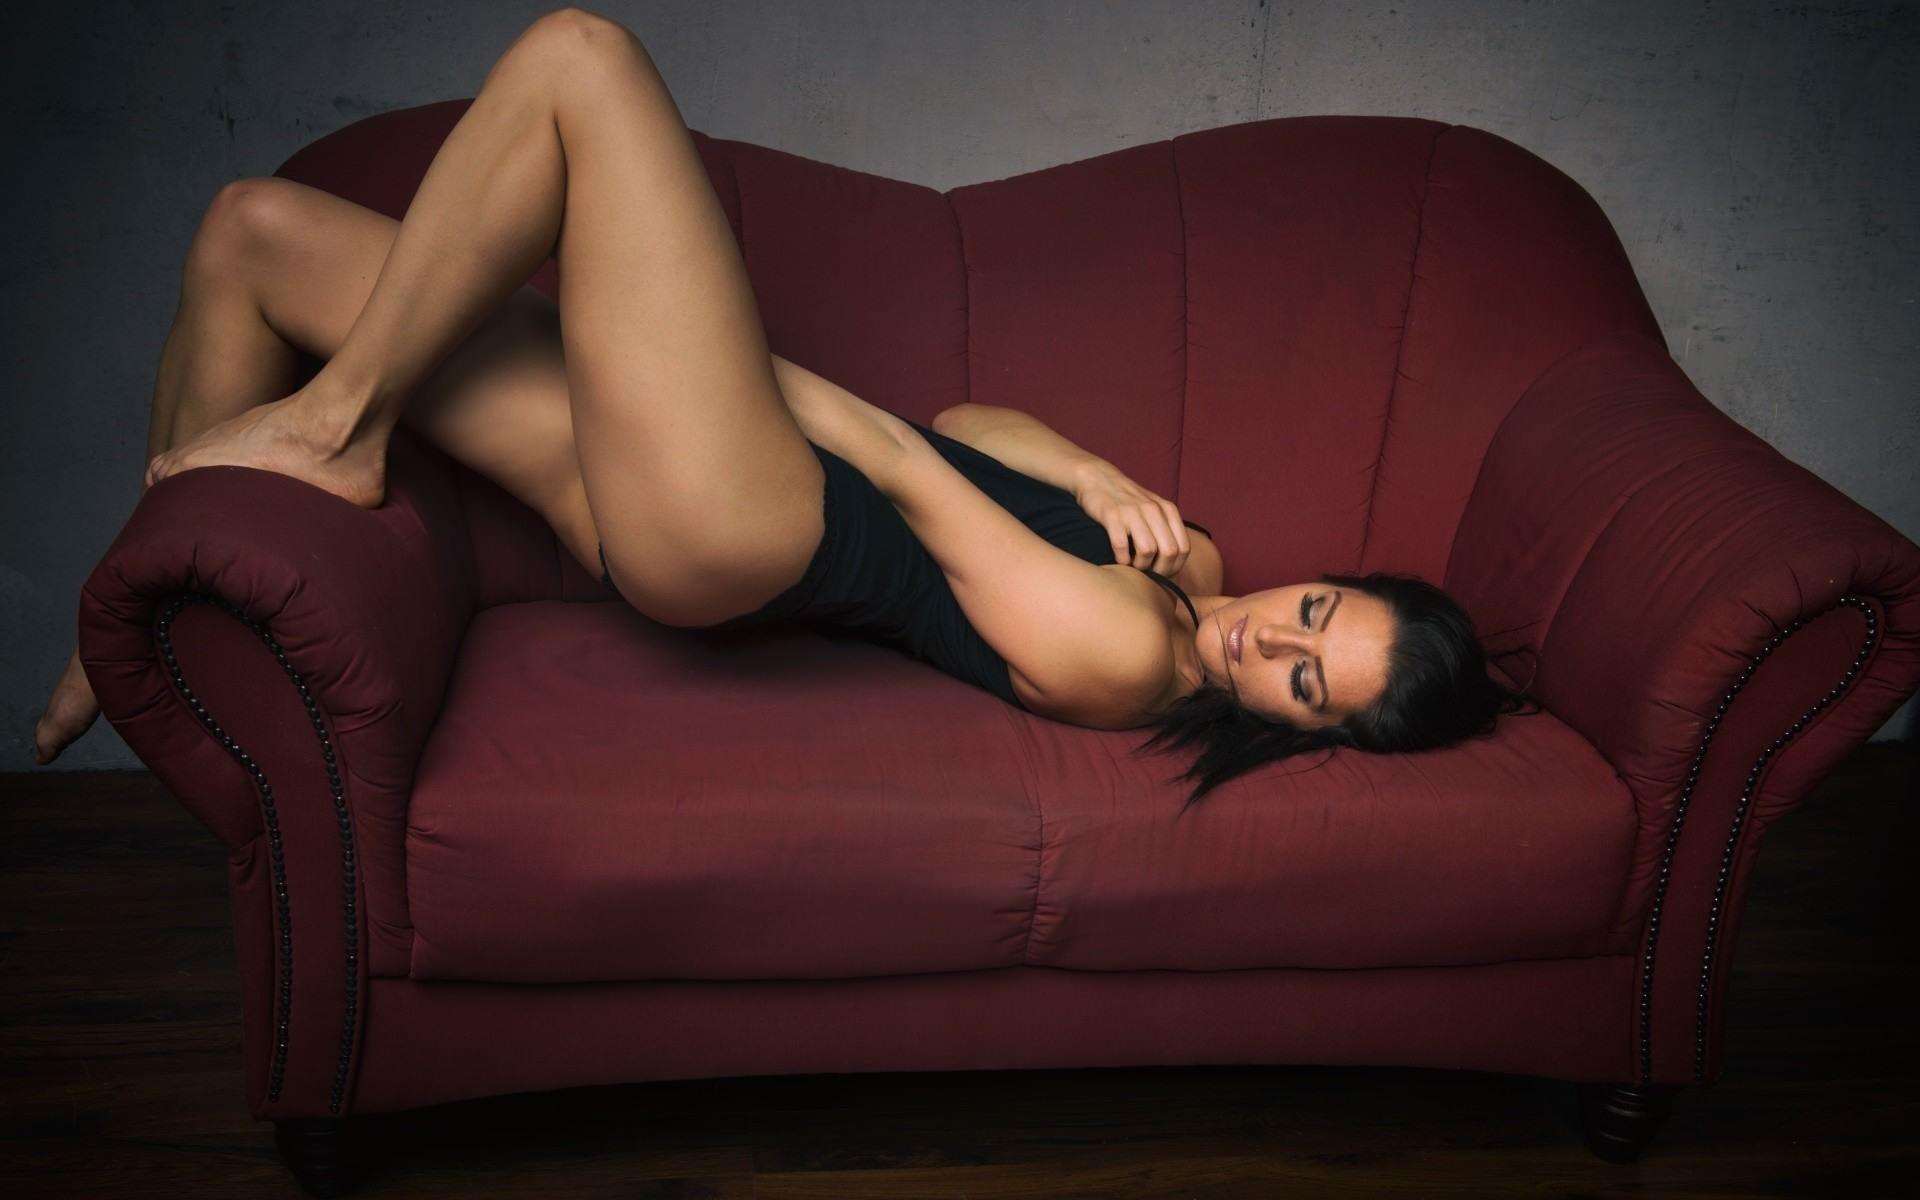 Фото Сексапильная брюнетка в черной майке изгибается на бордовом диване, упругие бедра, скачать картинку бесплатно